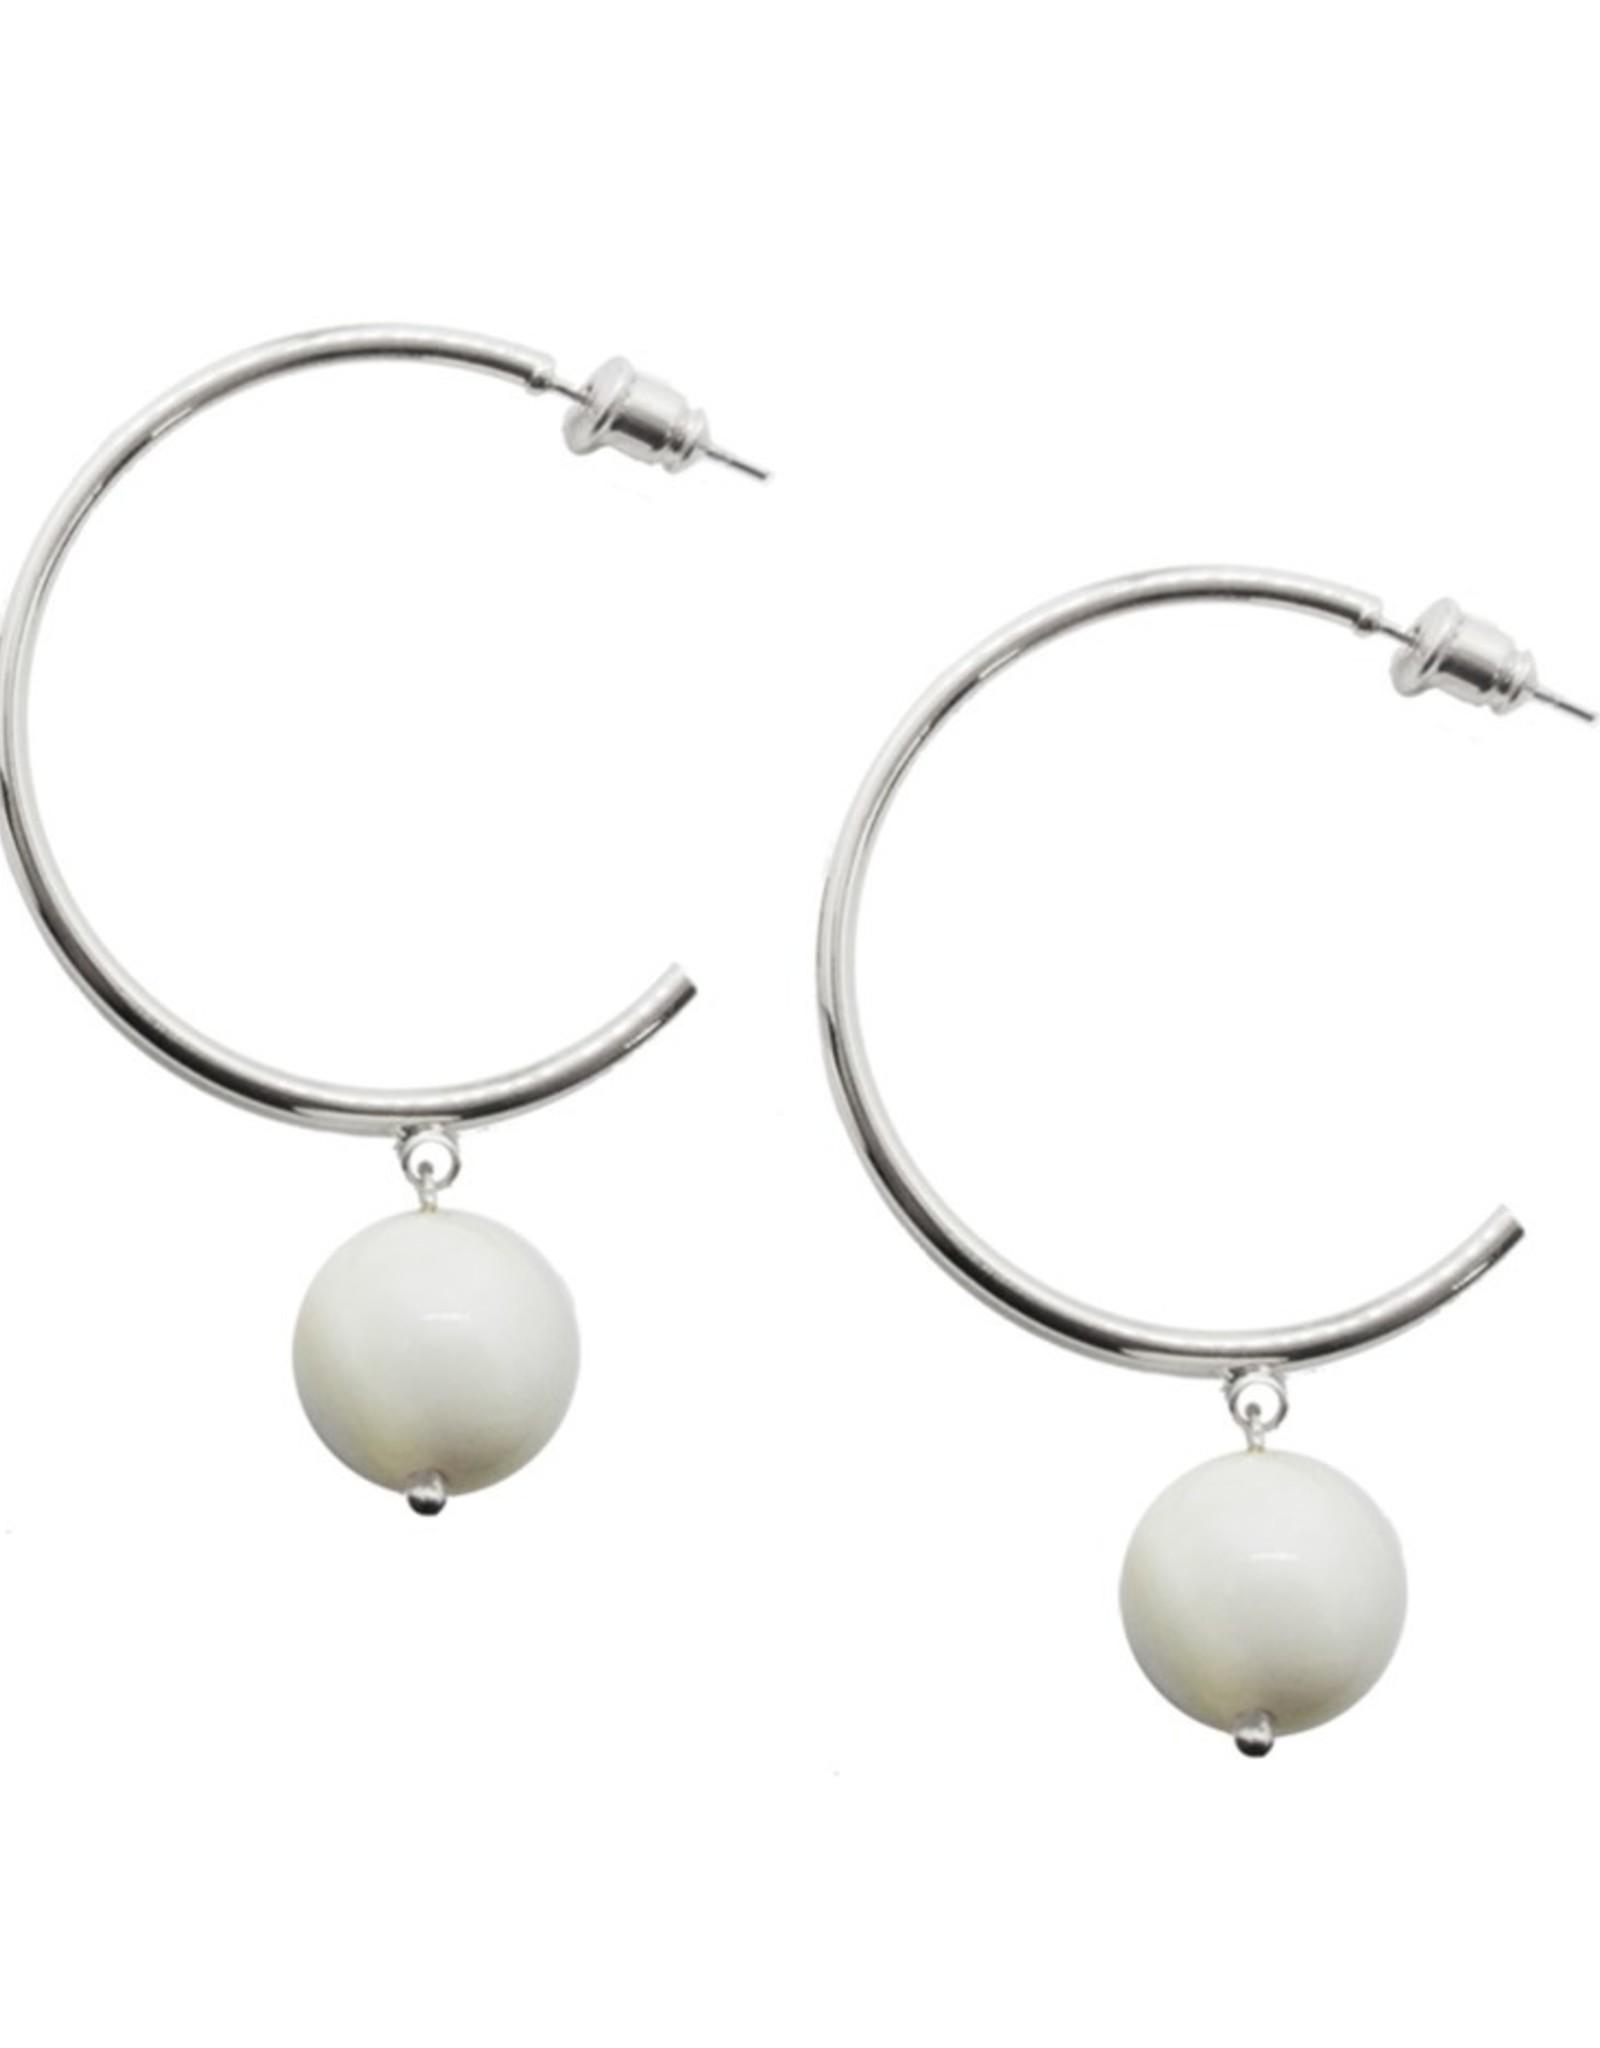 Boucles d'oreilles anneaux blanc et argent